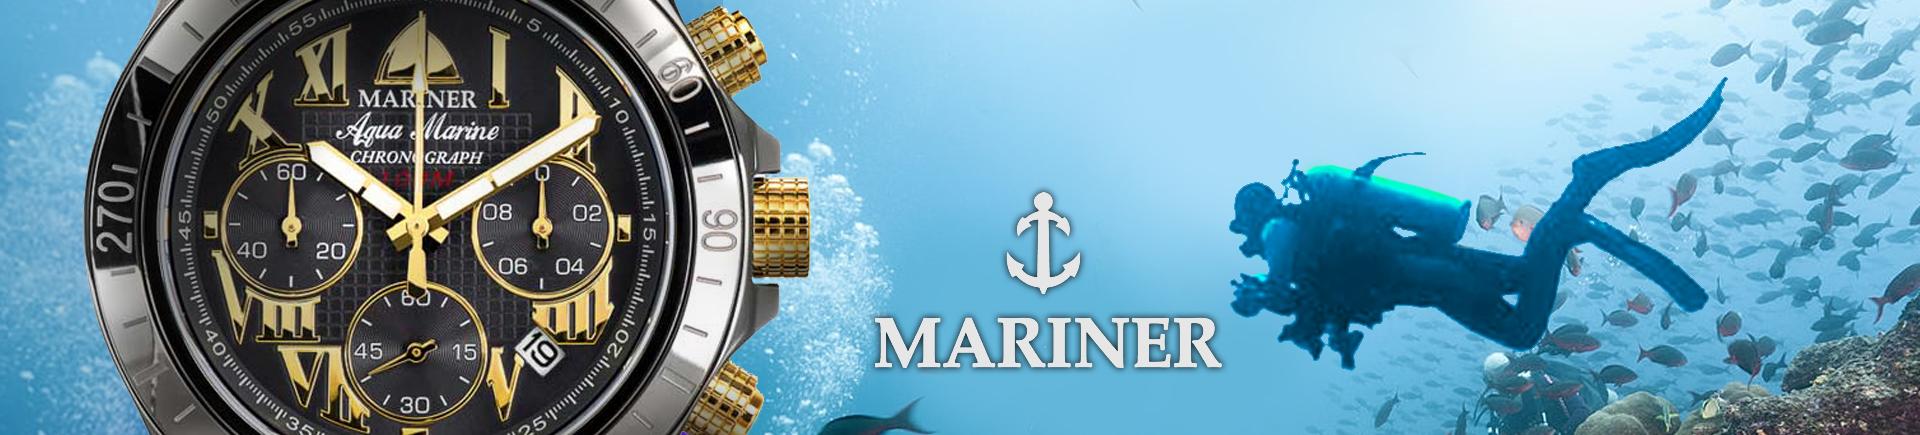 Agua-Marine